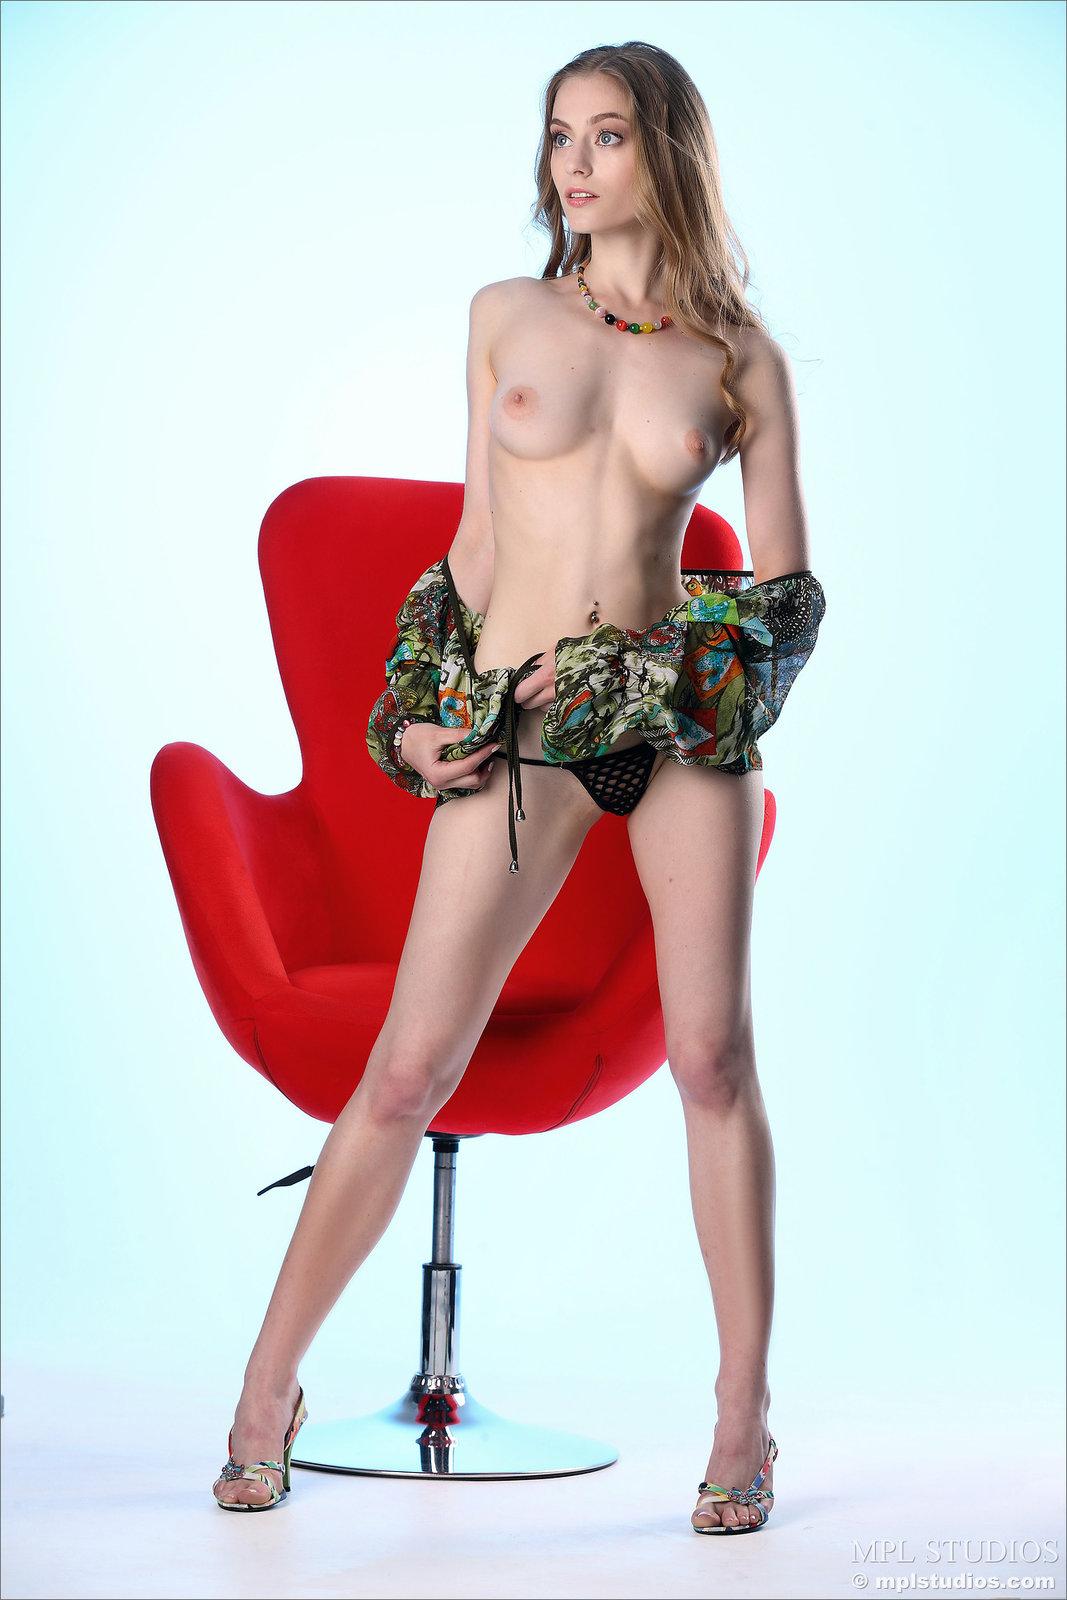 Zdjęcie porno - 0815 - Wysoka i seksowna modelka